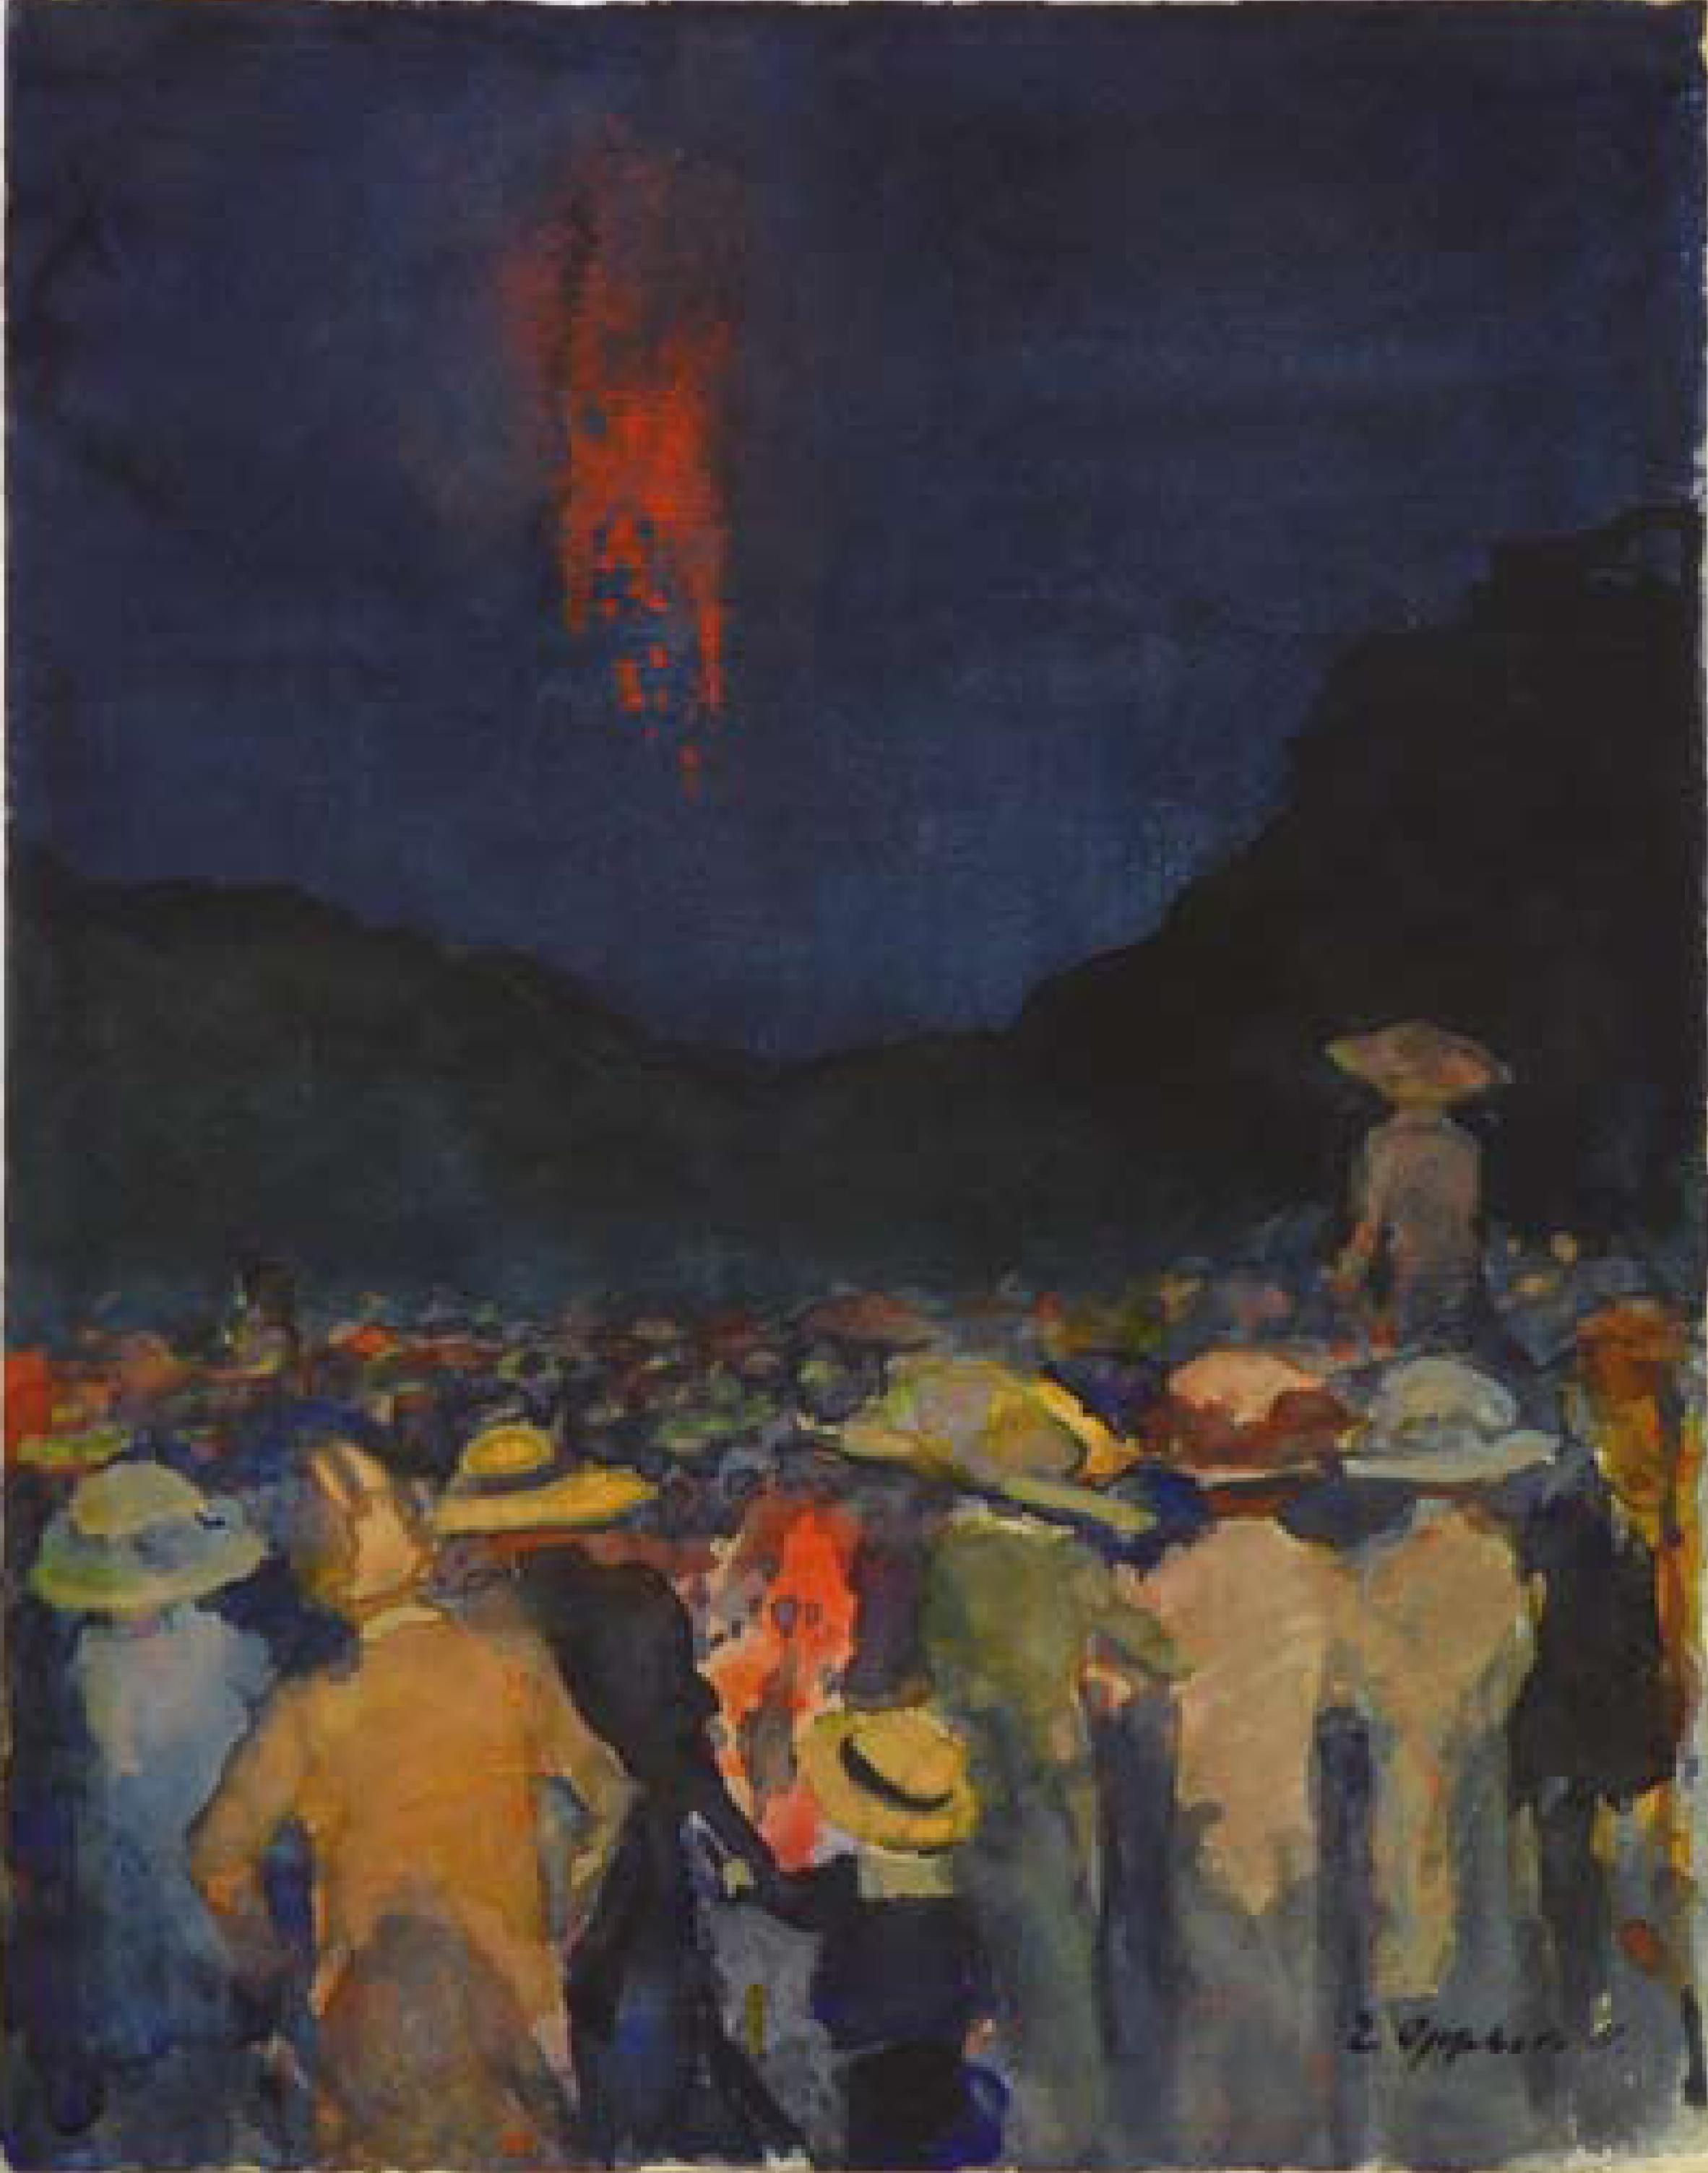 Feuerwerk-aquarell-oppler